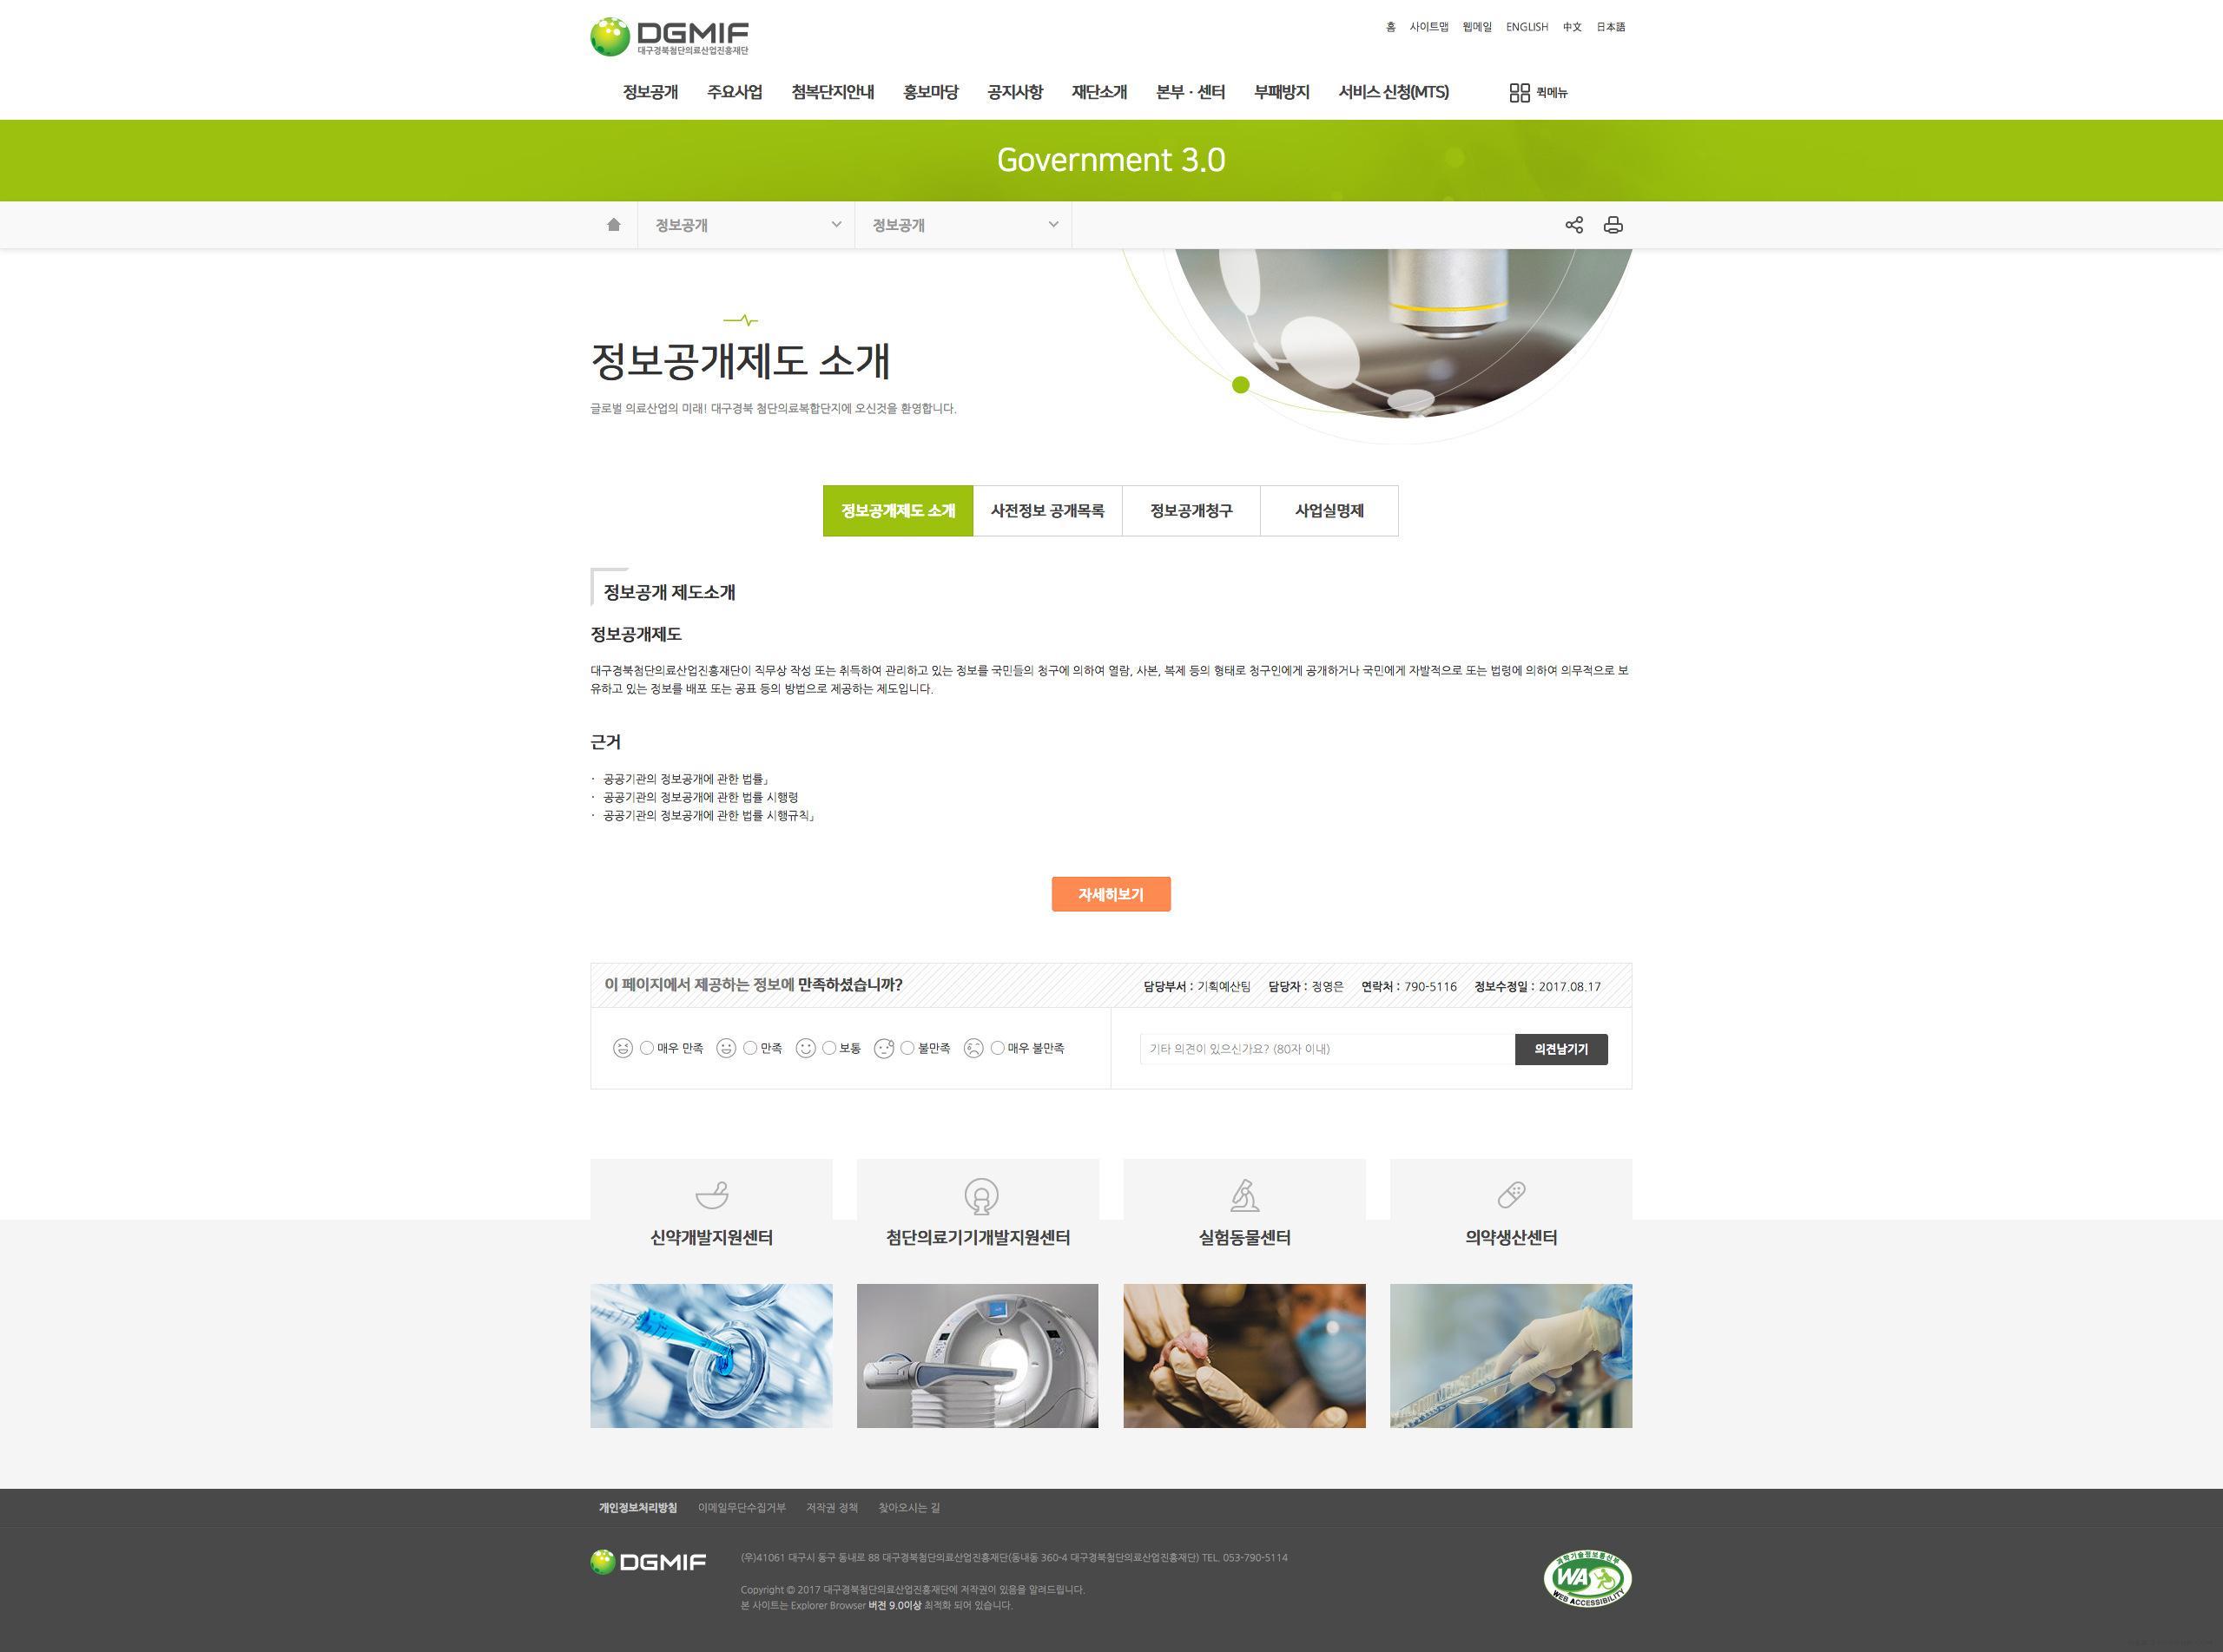 酷站欣赏,中国酷站、韩国酷站、欧美酷站、CSS酷站、全flash酷站、实用酷站、房产酷站、汽车酷站以及个人酷站等